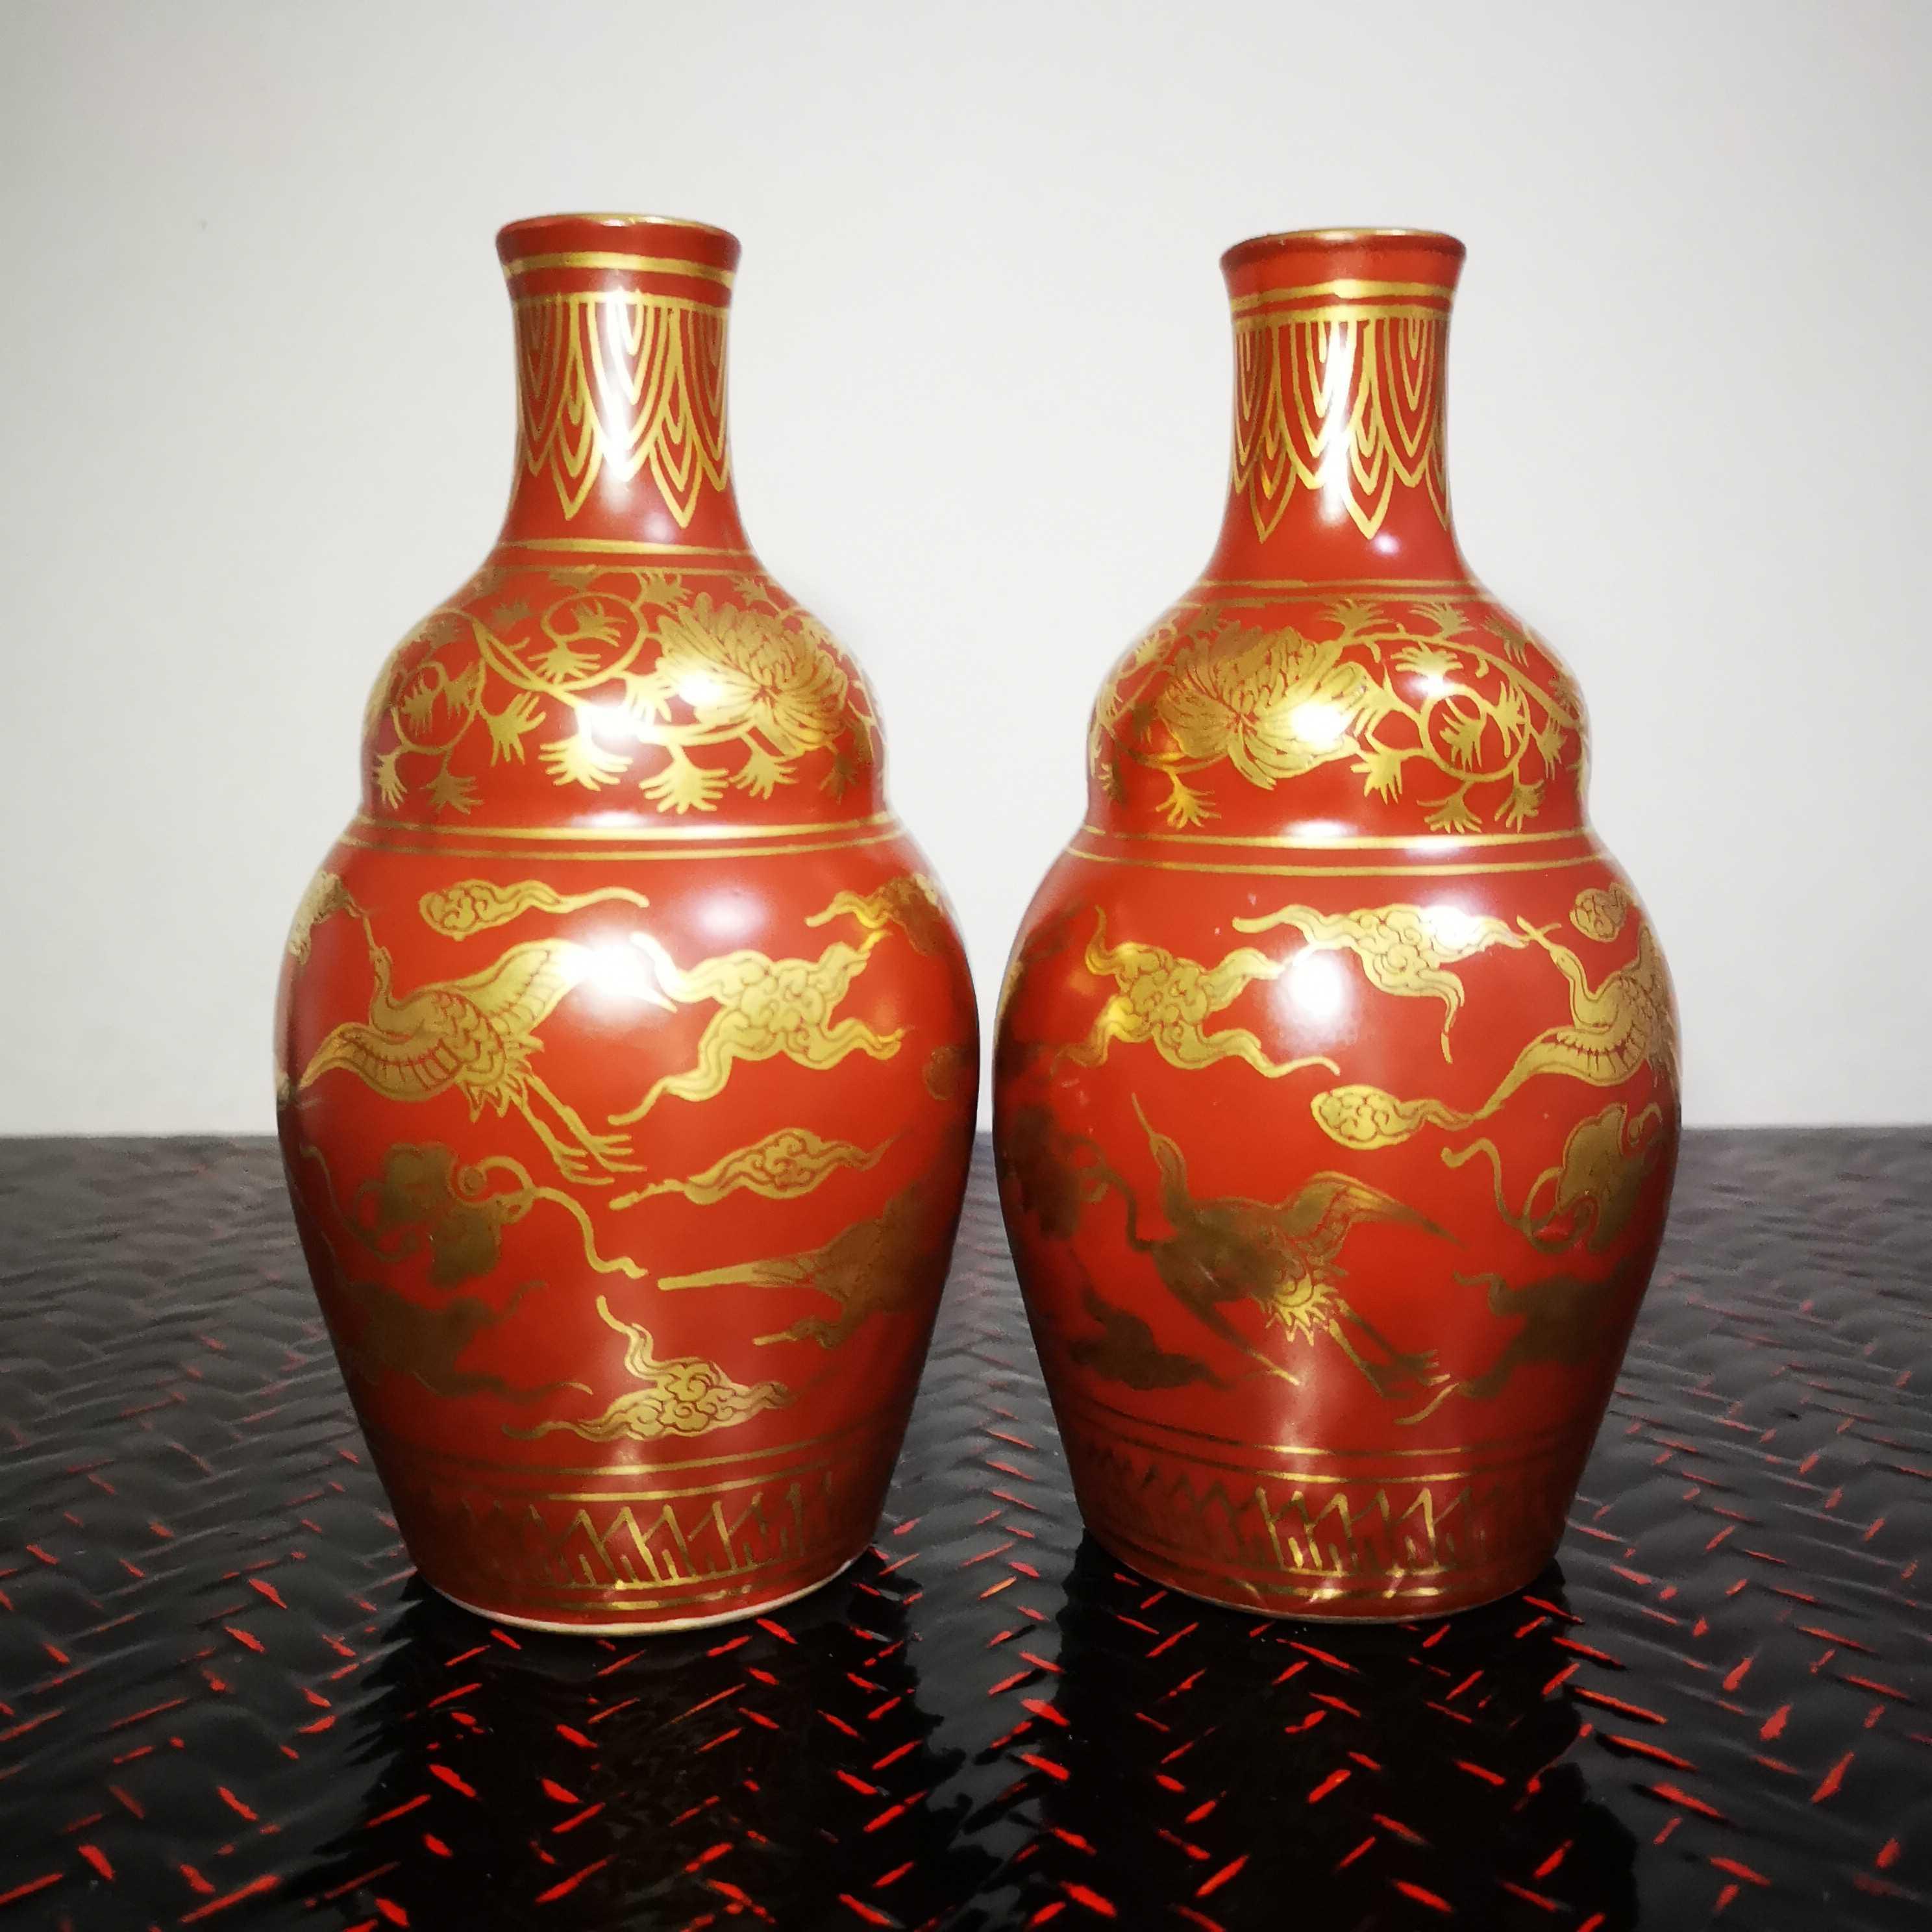 日本九谷永楽大正期の紅釉で描かれた金祥雲鶴の古酒壺のペアが13 cmの特価で郵送されています。